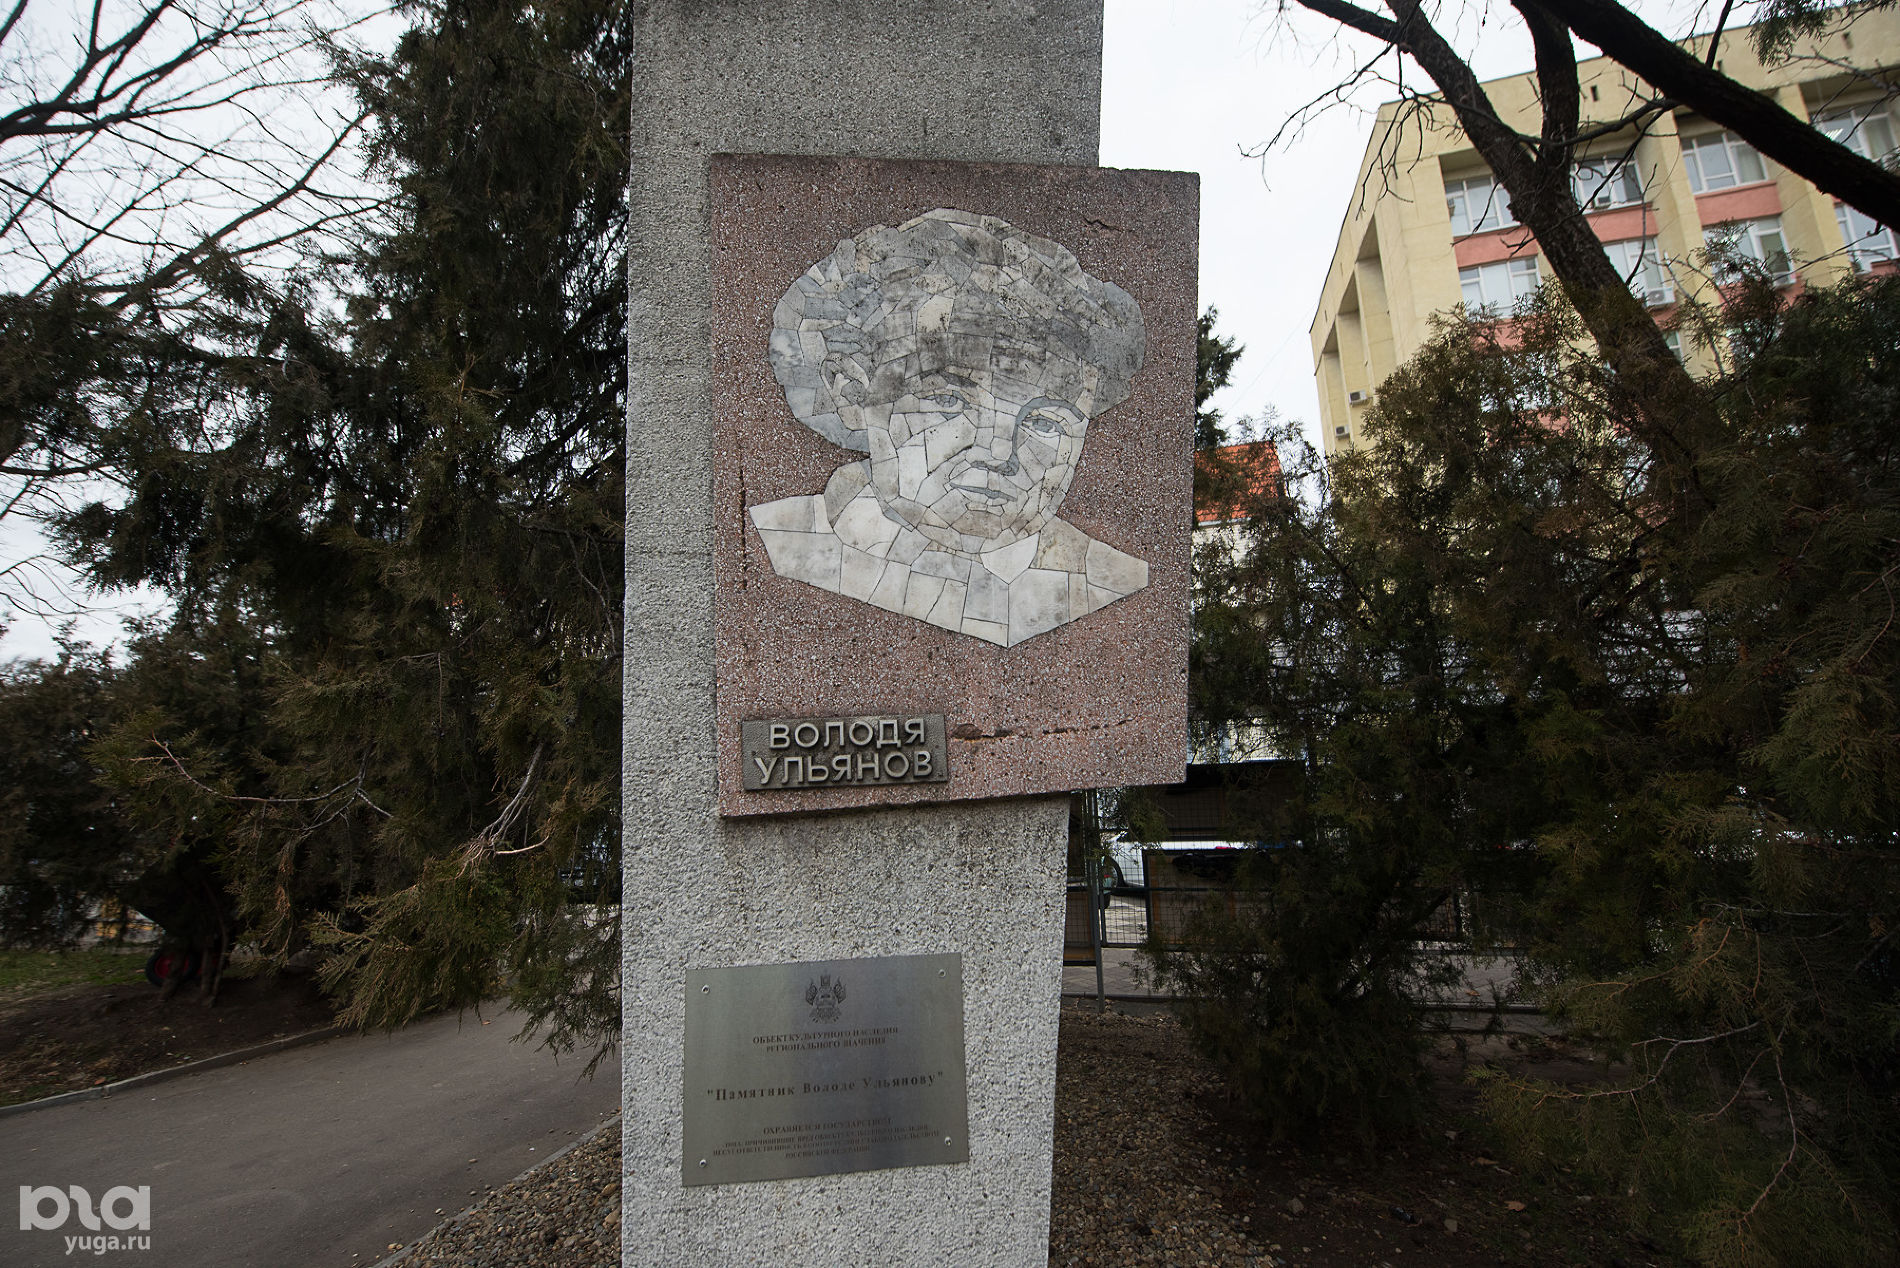 Памятник Володе Ульянову в сквере Дружбы народов ©Фото Елены Синеок, Юга.ру